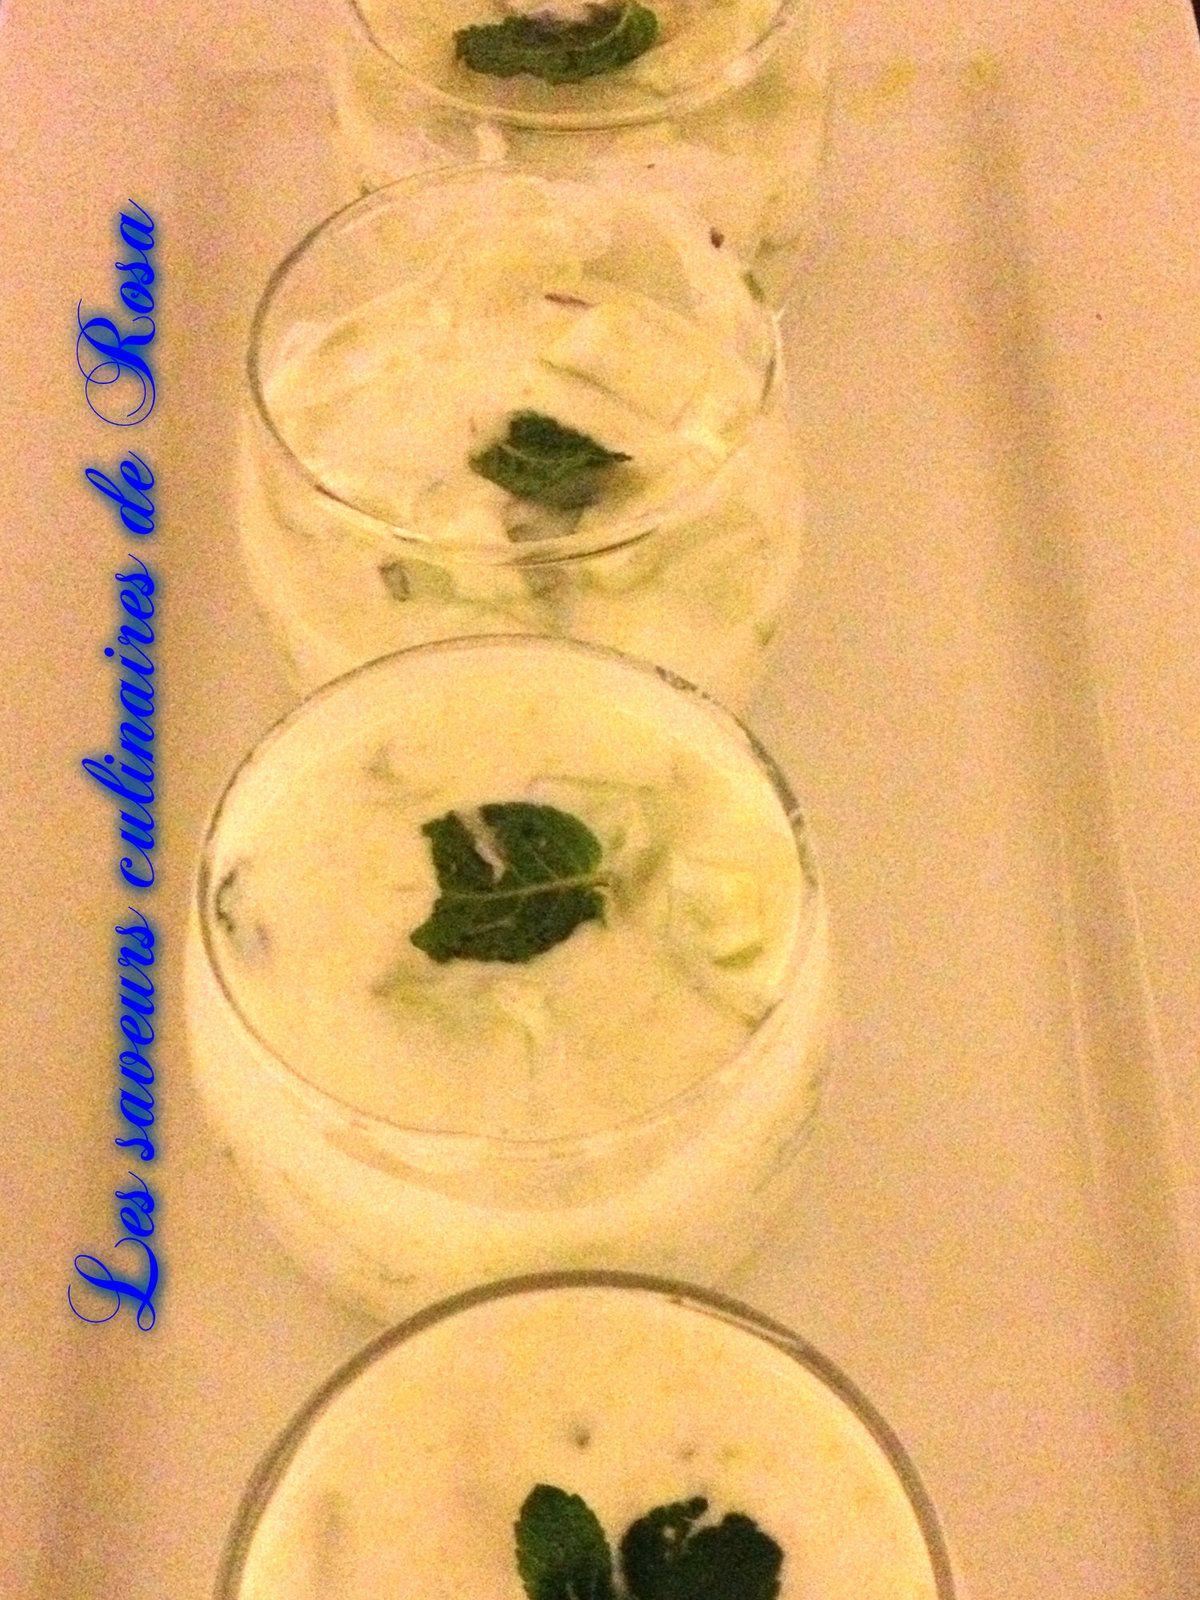 Sauce de concombre au yaourt